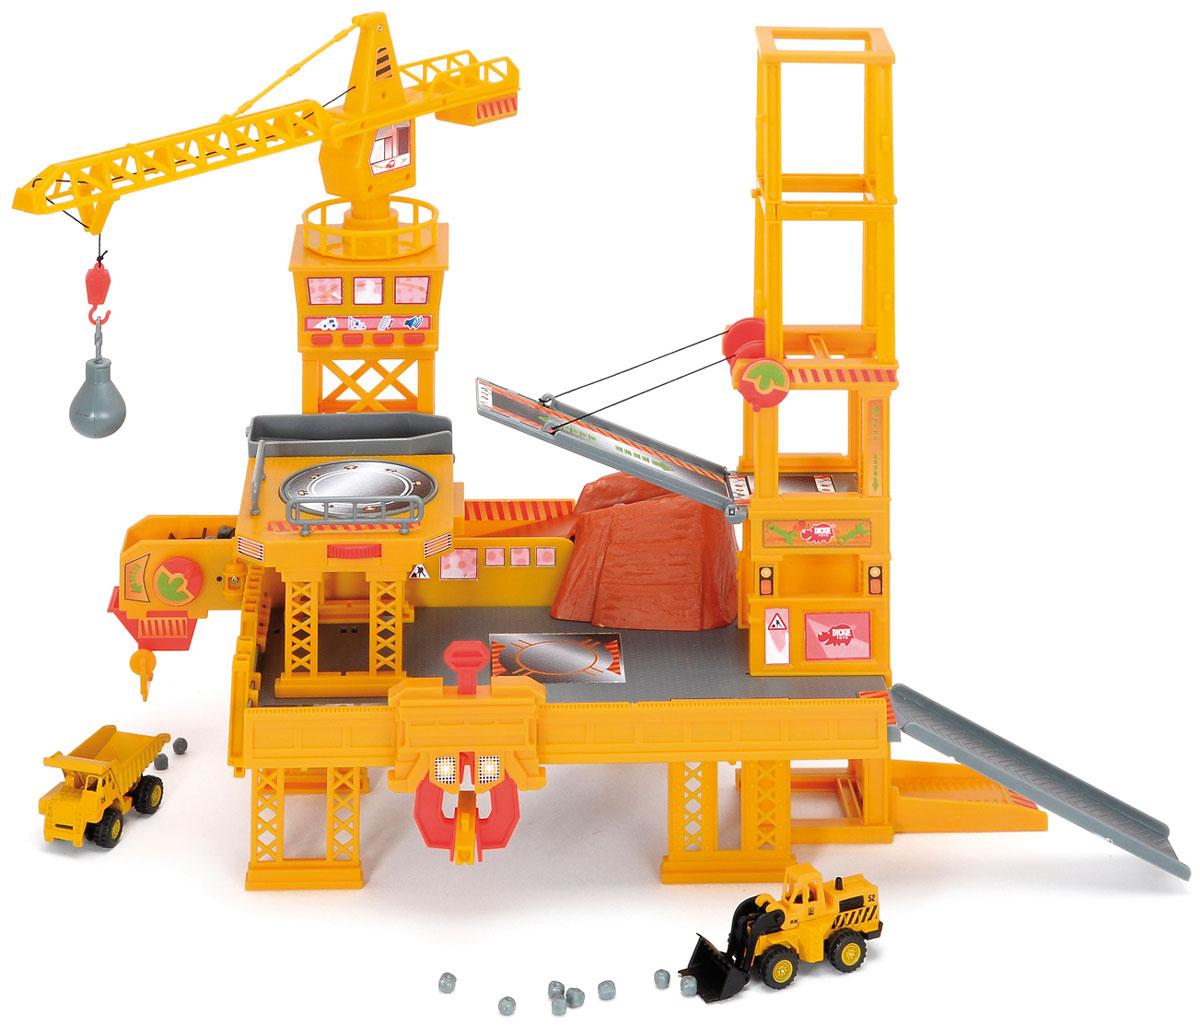 Dickie Toys Игровой набор Строительная площадка3608350Если вы хотите удивить и порадовать своего малыша, то подарите ему игровой набор Dickie Toys Строительная площадка с двумя машинками. Многоуровневая платформа, изготовленная из прочного безопасного пластика, оборудована строительным краном с крюком, конвейером и поднимающимся мостом. Данная игрушка имеет множество функциональных возможностей. Можно использовать конвейерную ленту, чтобы быстро и легко перемещать камни, а потом погружать их в грузовик. Благодаря крану с вращающейся башней и поднимающейся и опускающейся стрелой можно перемещать различные грузы. Разнообразные спуски и подъёмные мосты сделают игру еще более увлекательной. В комплект входят также две машинки - грузовик и бульдозер. Колесики машинок крутятся, у бульдозера поднимается ковш, у грузовика поднимается и опускается прицеп. Строительная площадка снабжена звуковыми эффектами - при нажатии на кнопки на пульте управления раздаются звуки двигателя, работы конвейера и другие. Игра с таким набором...